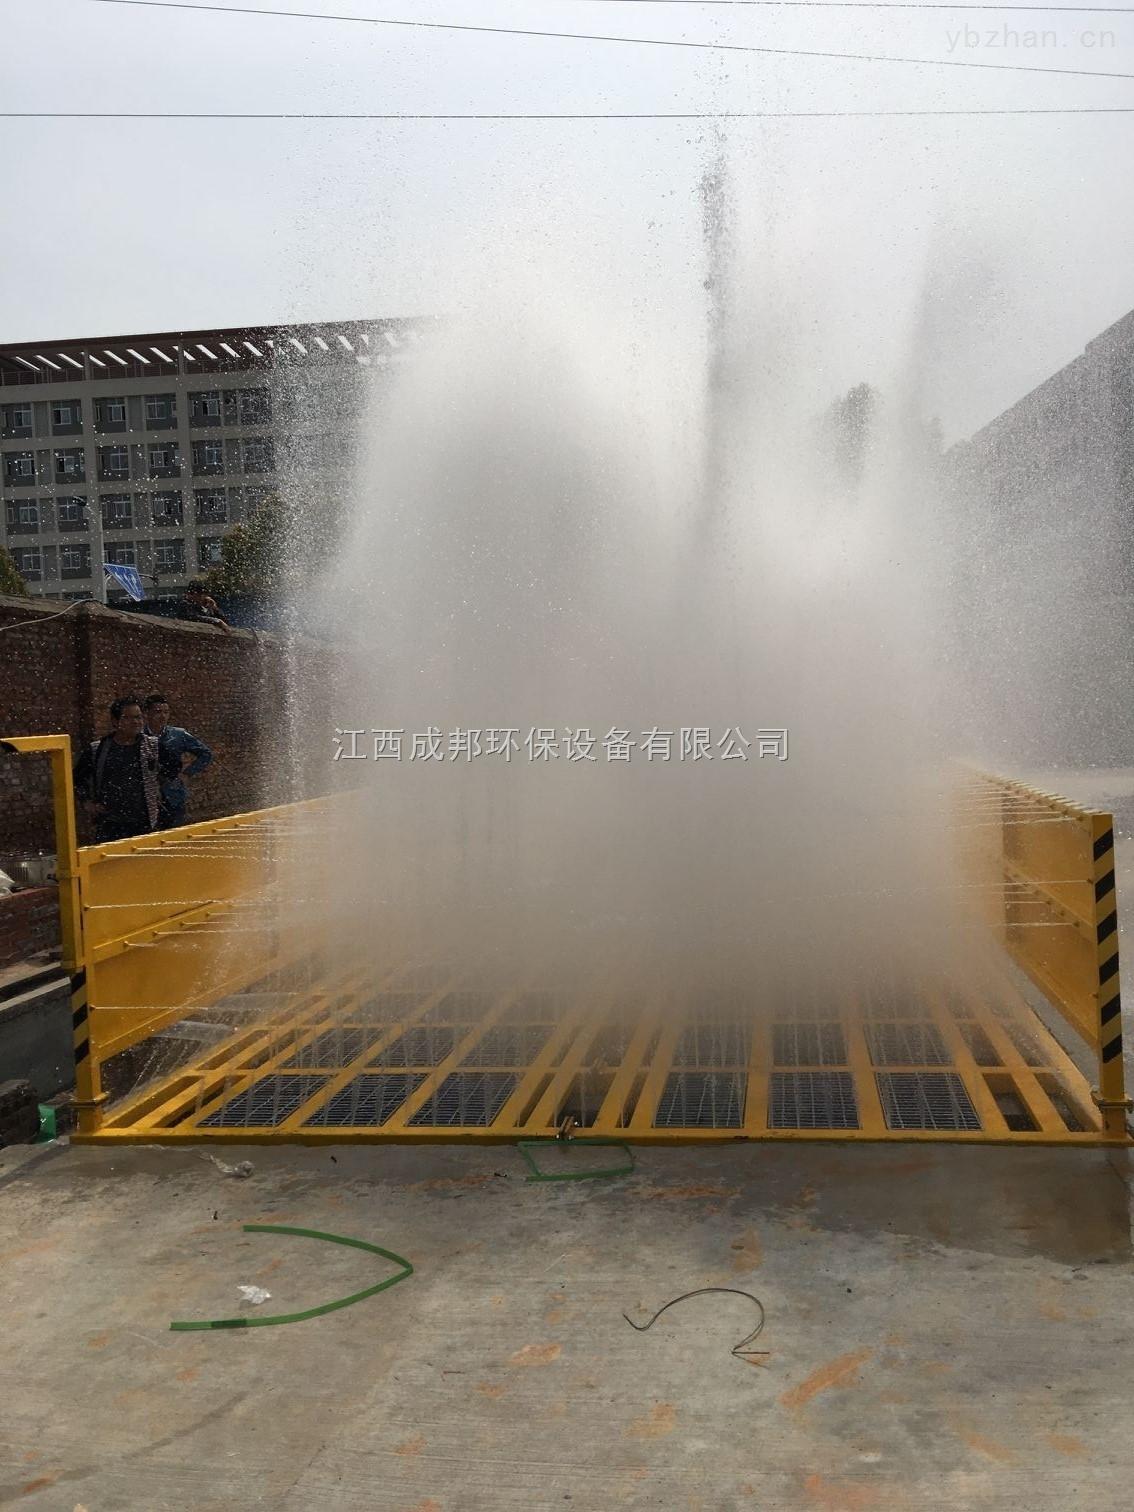 宜昌工地车辆自动冲洗平台 宜昌工地车辆洗车设备